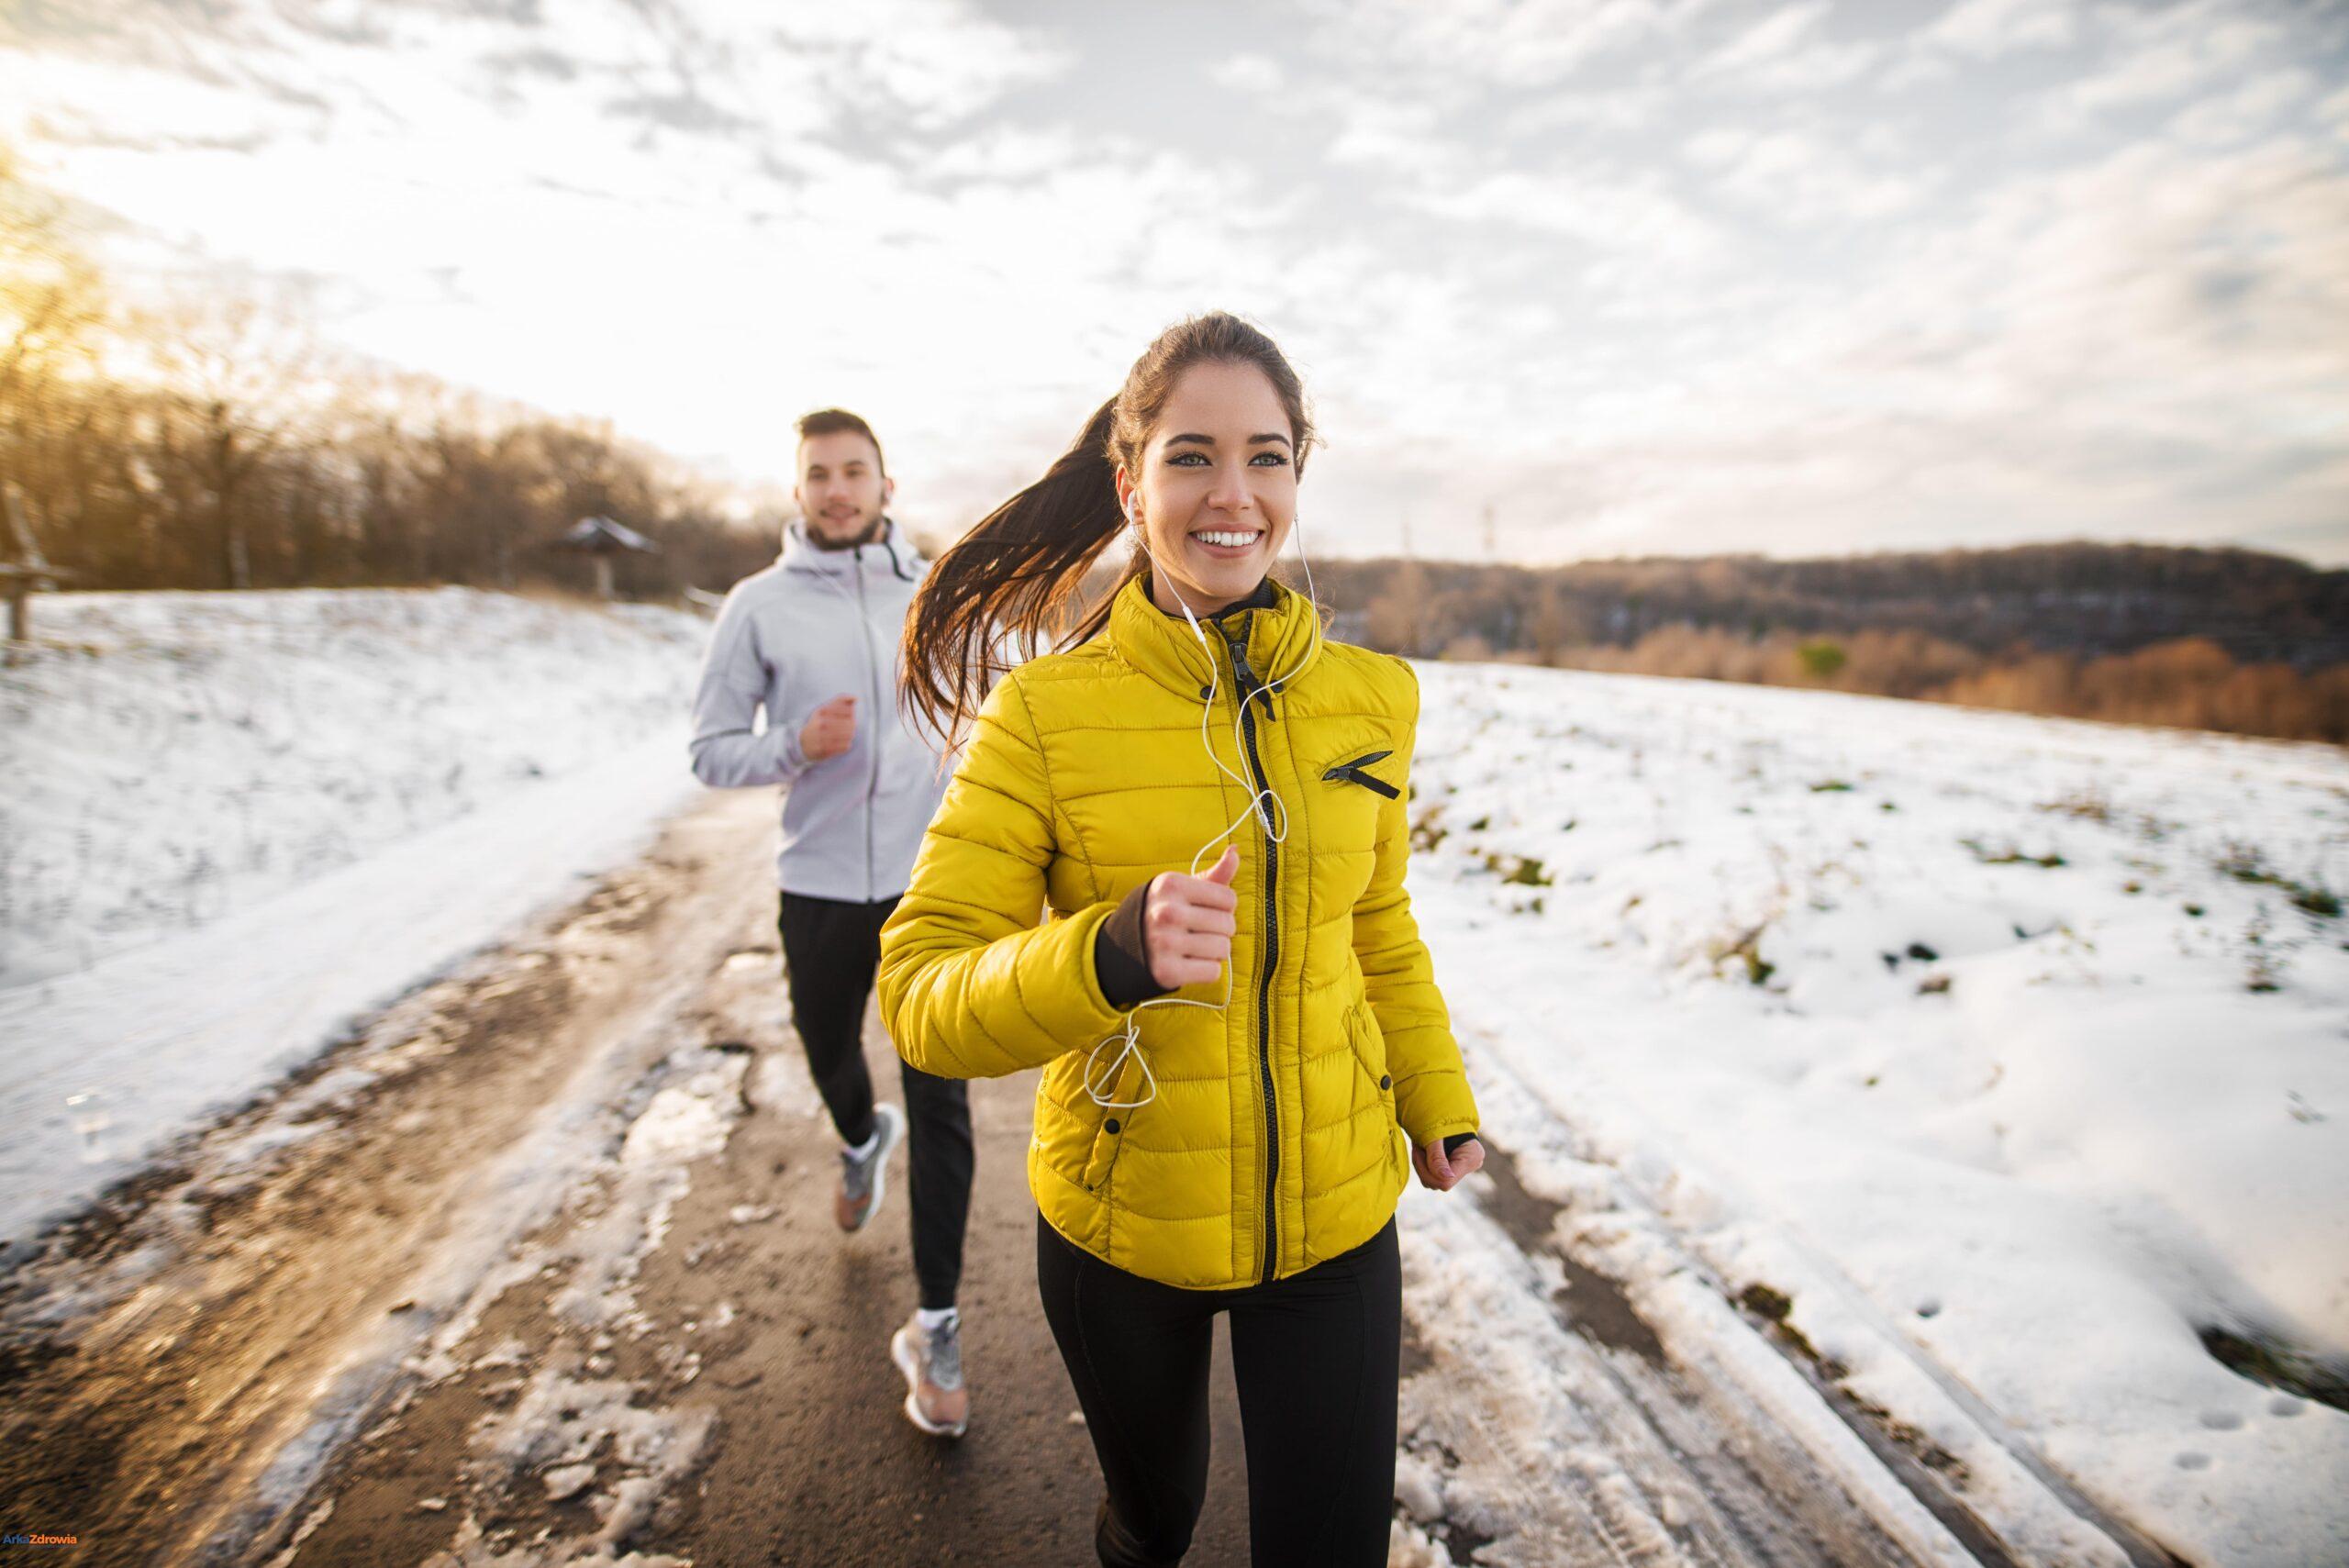 Kobieta i mężczyzna biegający w zimowych warunkach - odporność zimą na co zwrócić uwagę